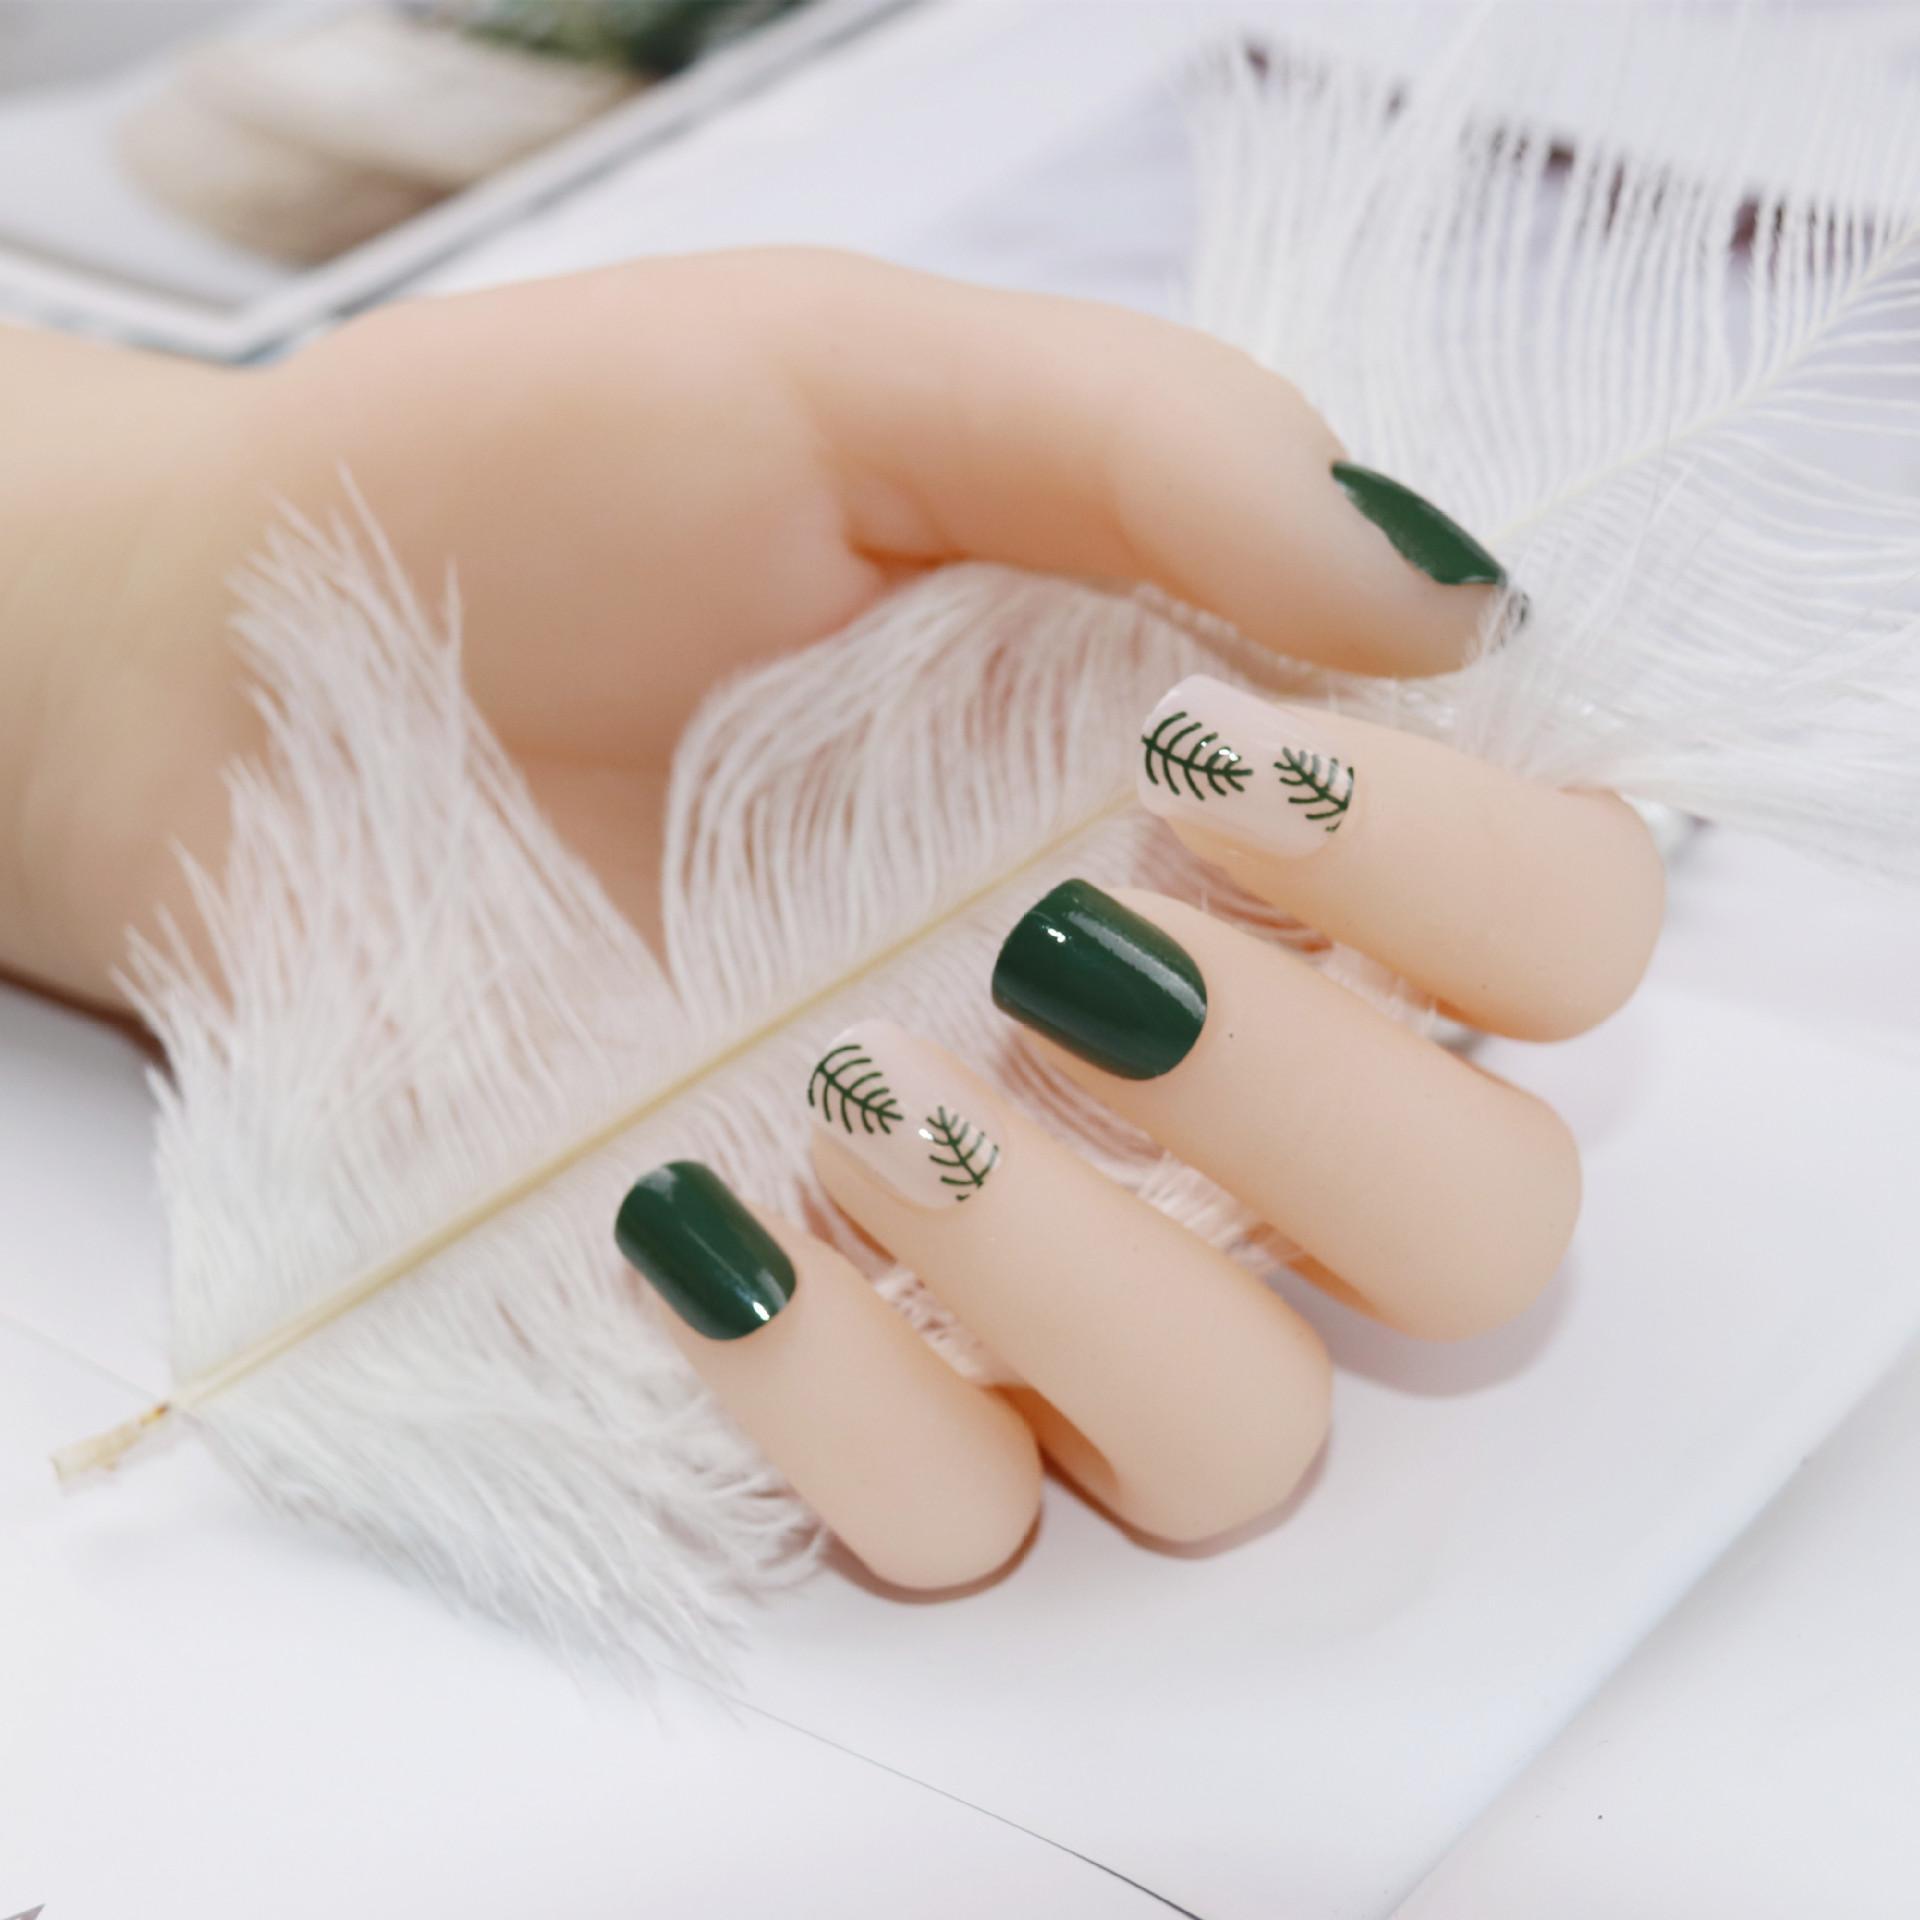 O-New 24PCS Green Leaves Nail Art French False Fake Nail